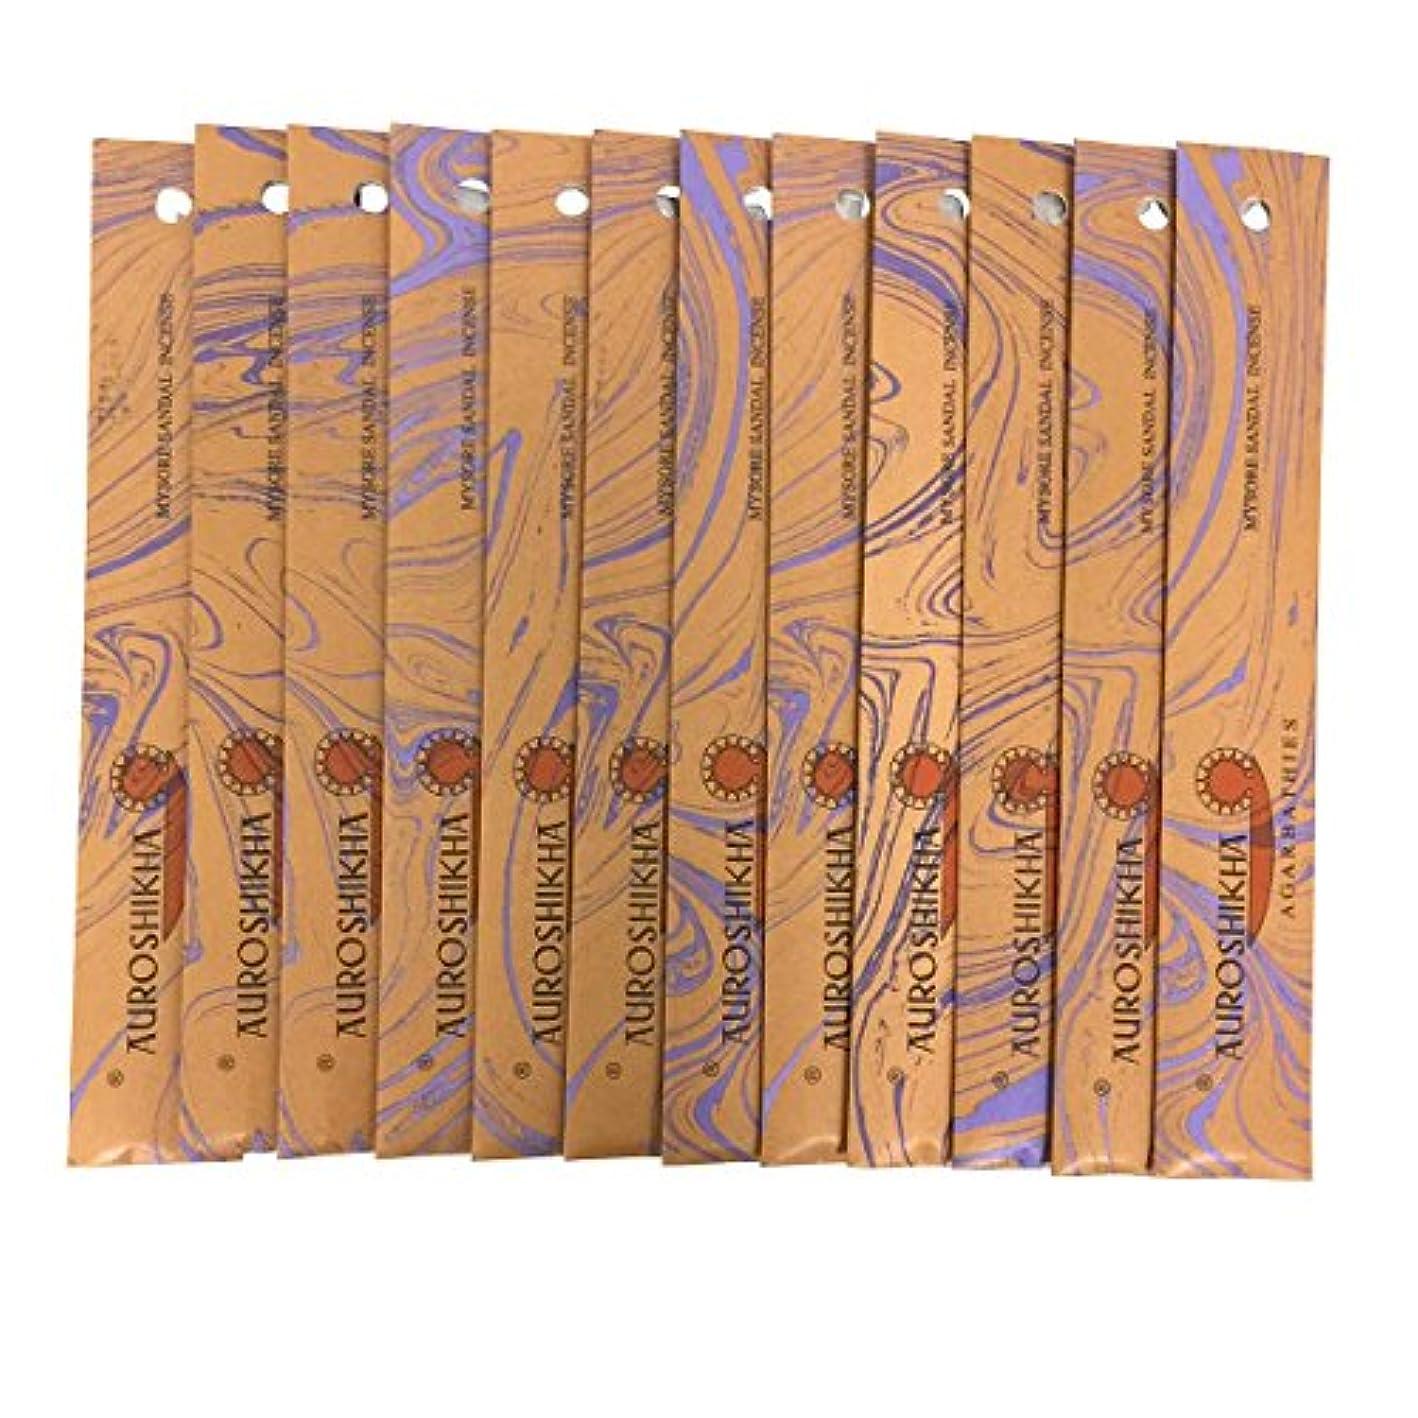 アイロニー優しさスペードAUROSHIKHA オウロシカ(MYSORESANDALマイソールサンダル12個セット) マーブルパッケージスティック 送料無料